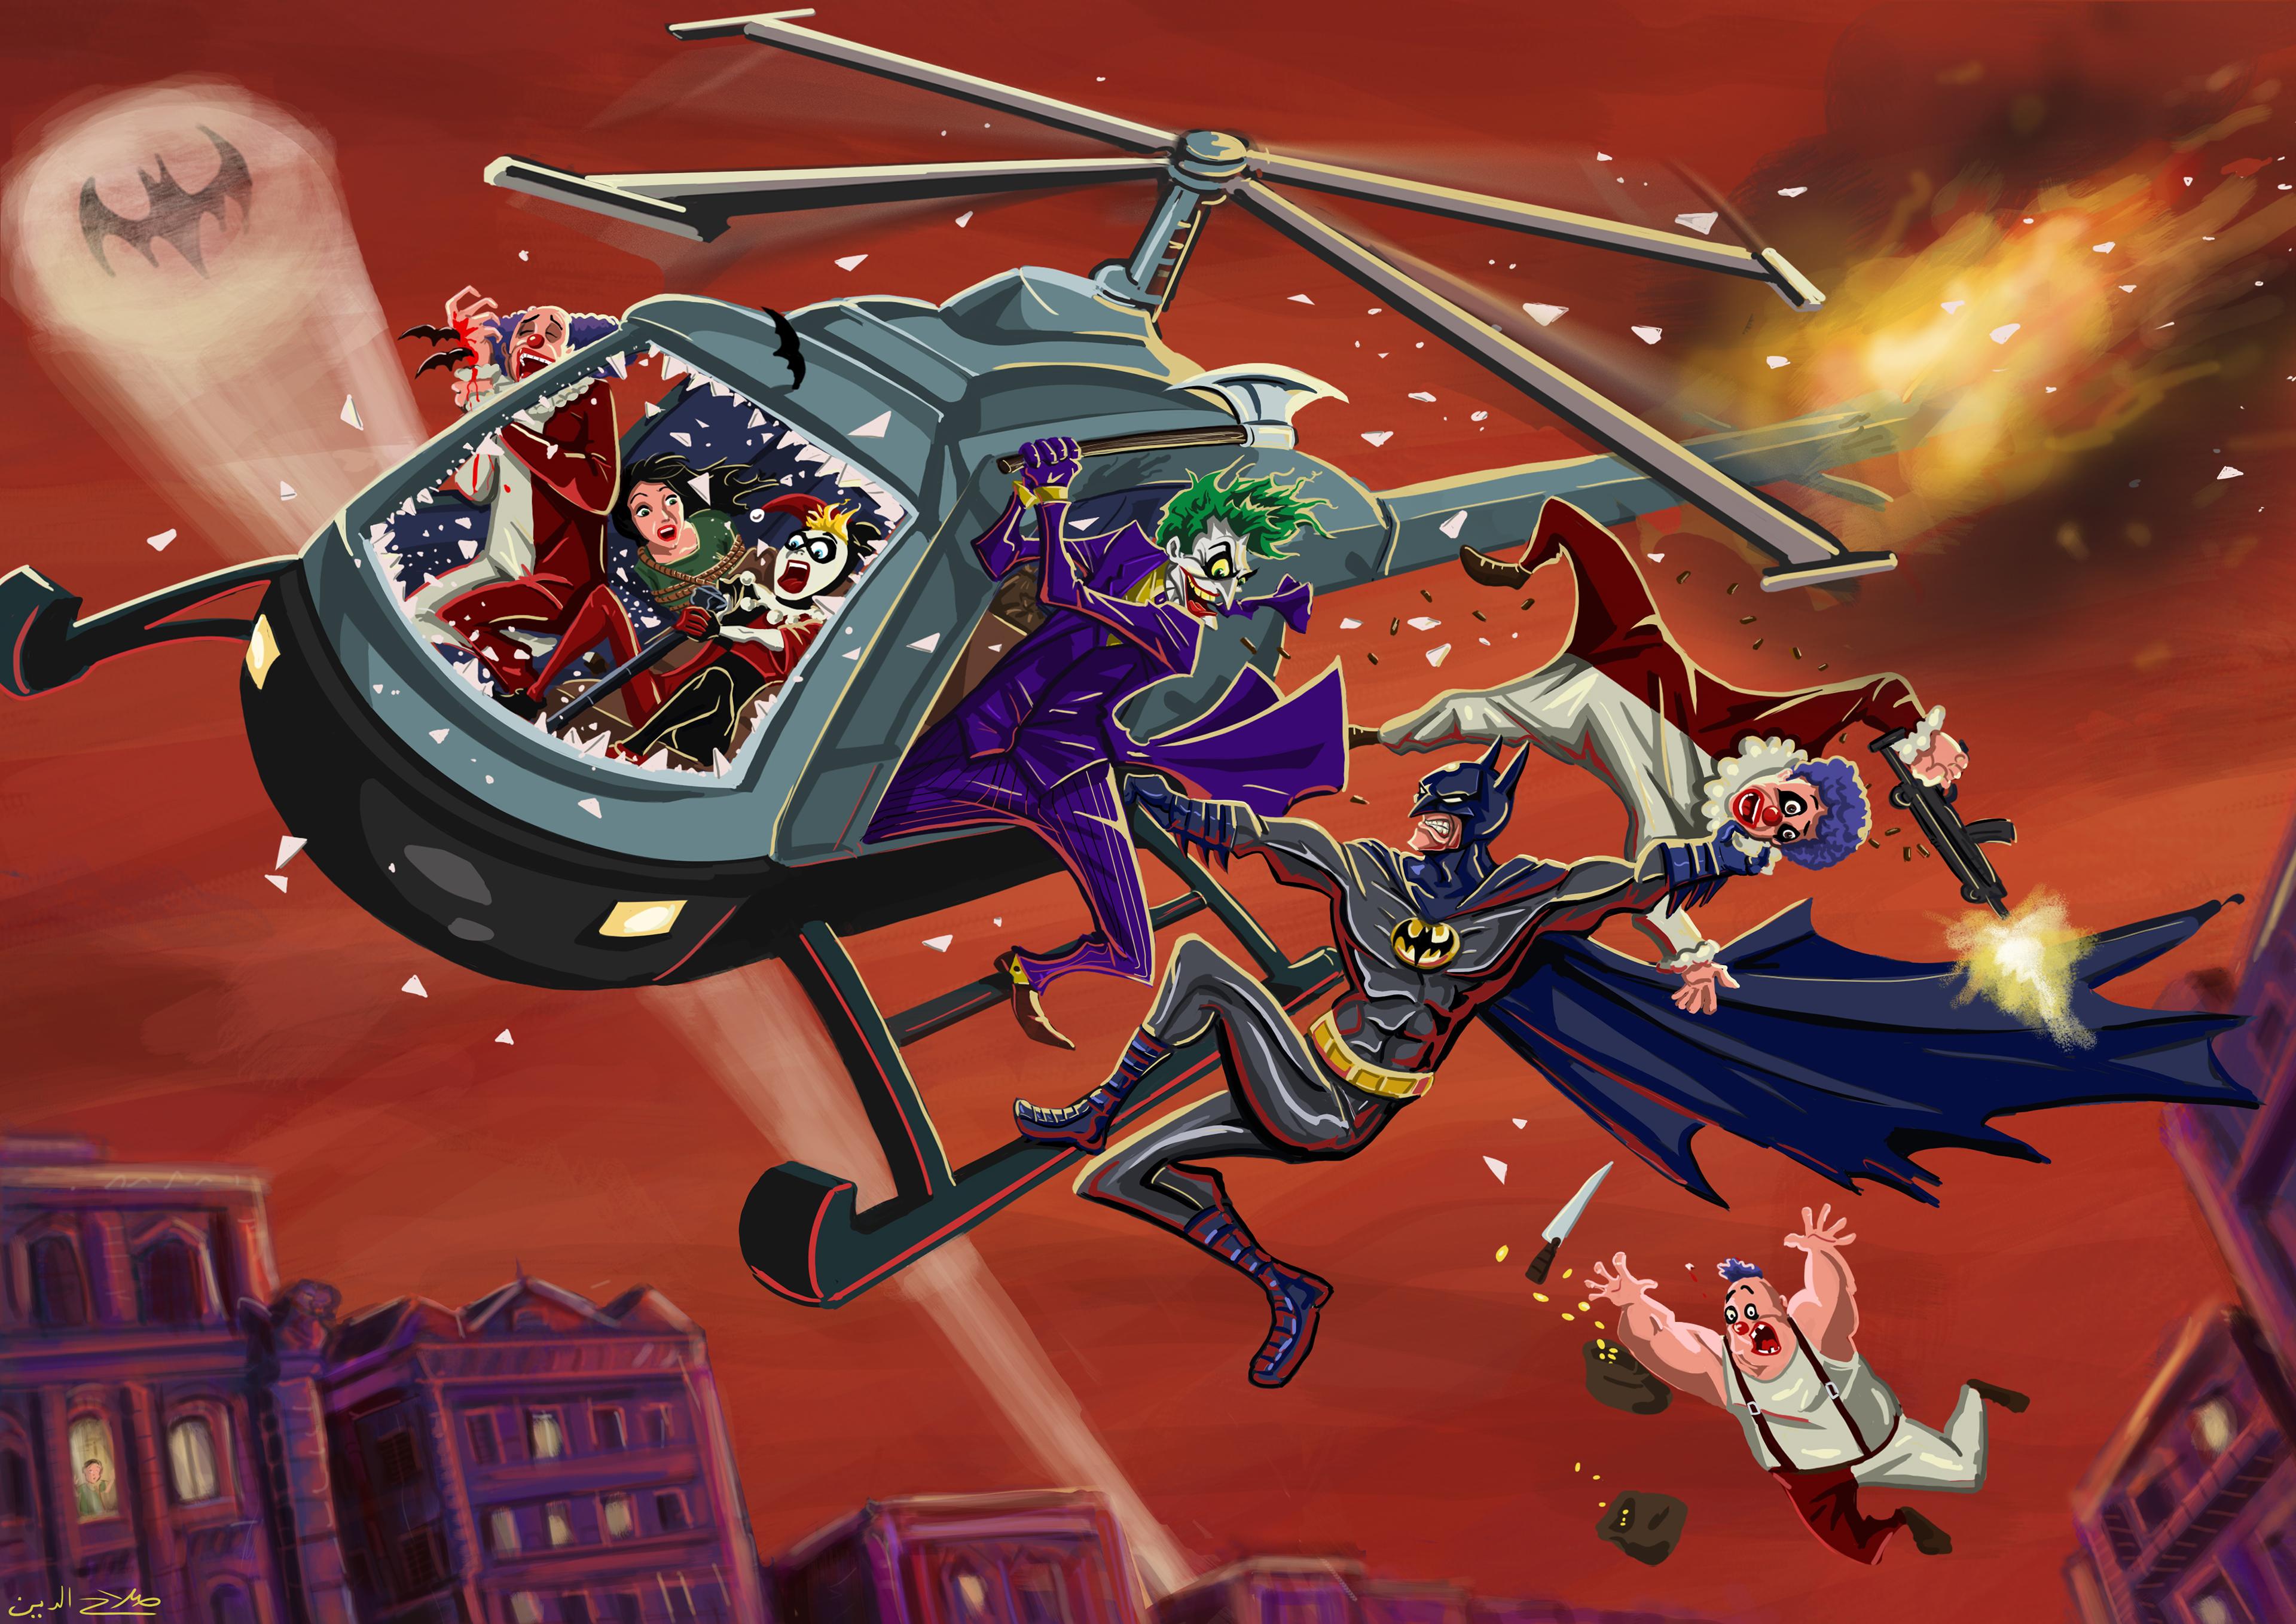 batman vs villians comic art 1576093815 - Batman Vs Villians Comic Art - dark knight wallpaper 4k, batman wallpaper phone hd 4k, batman wallpaper 4k, batman art wallpaper 4k, Batman 4k hd wallpaper